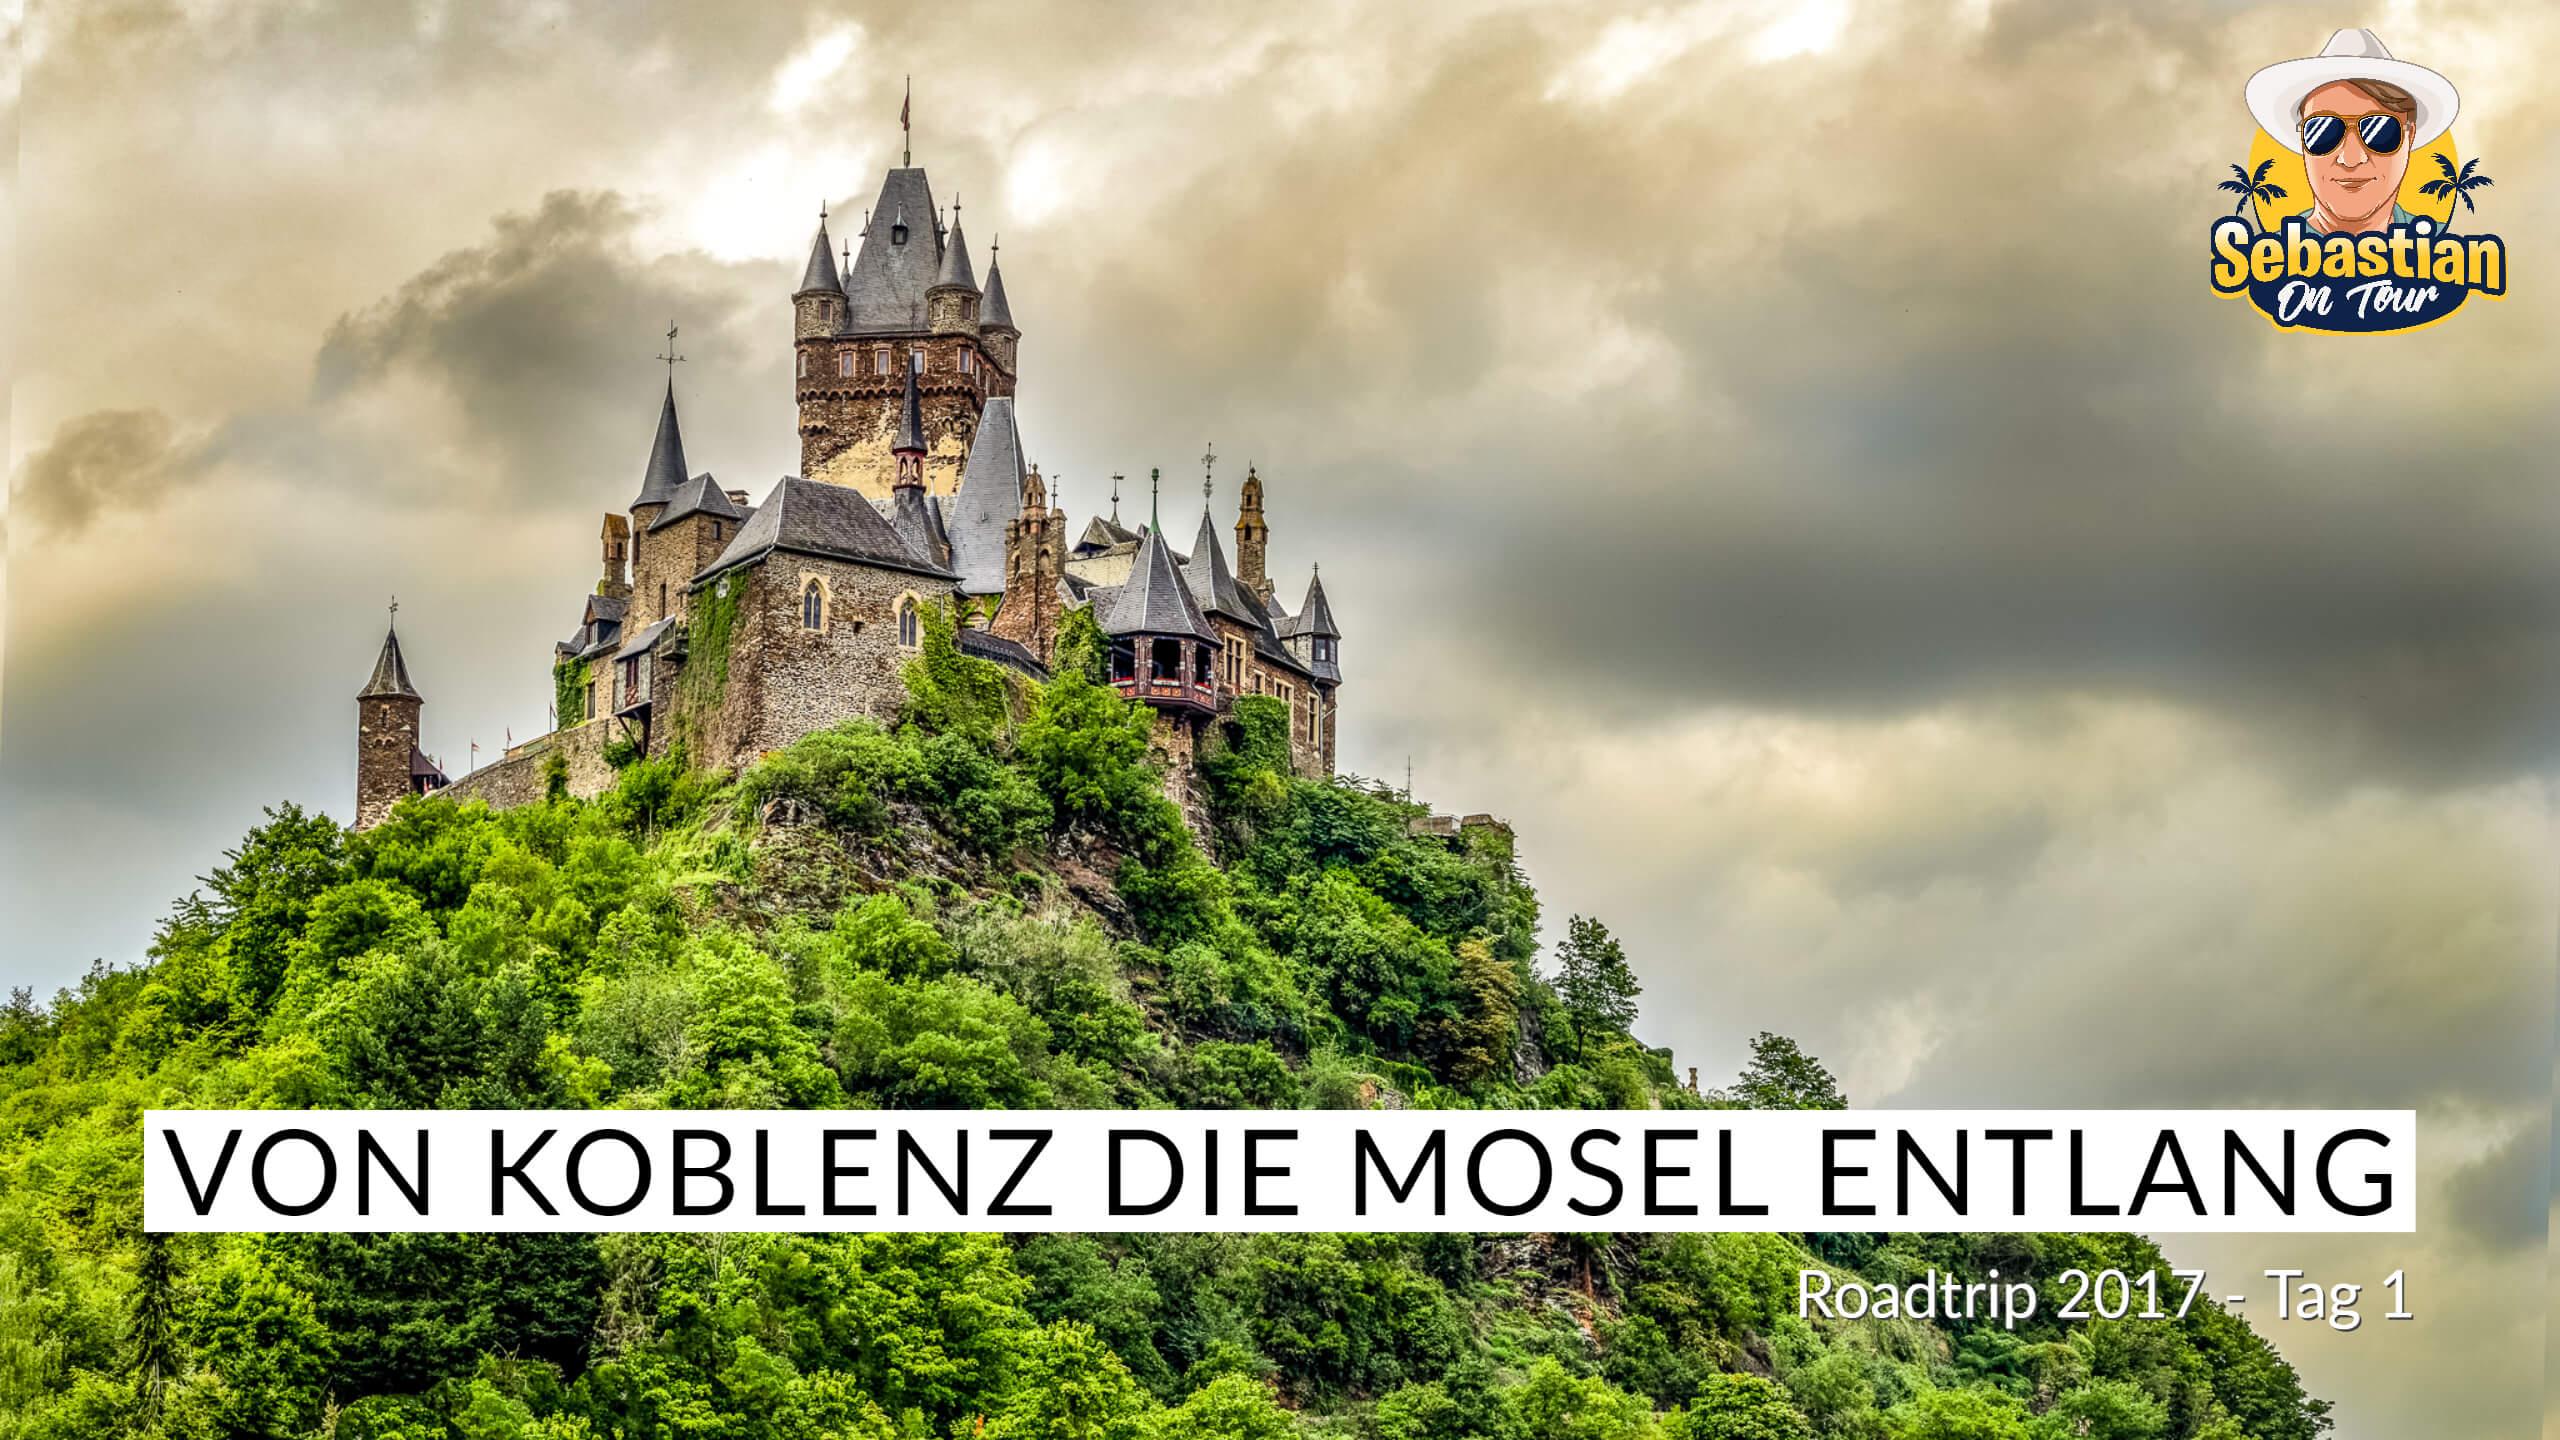 Von Koblenz die Mosel entlang - Cabrio Tour 2017 - Tag 1